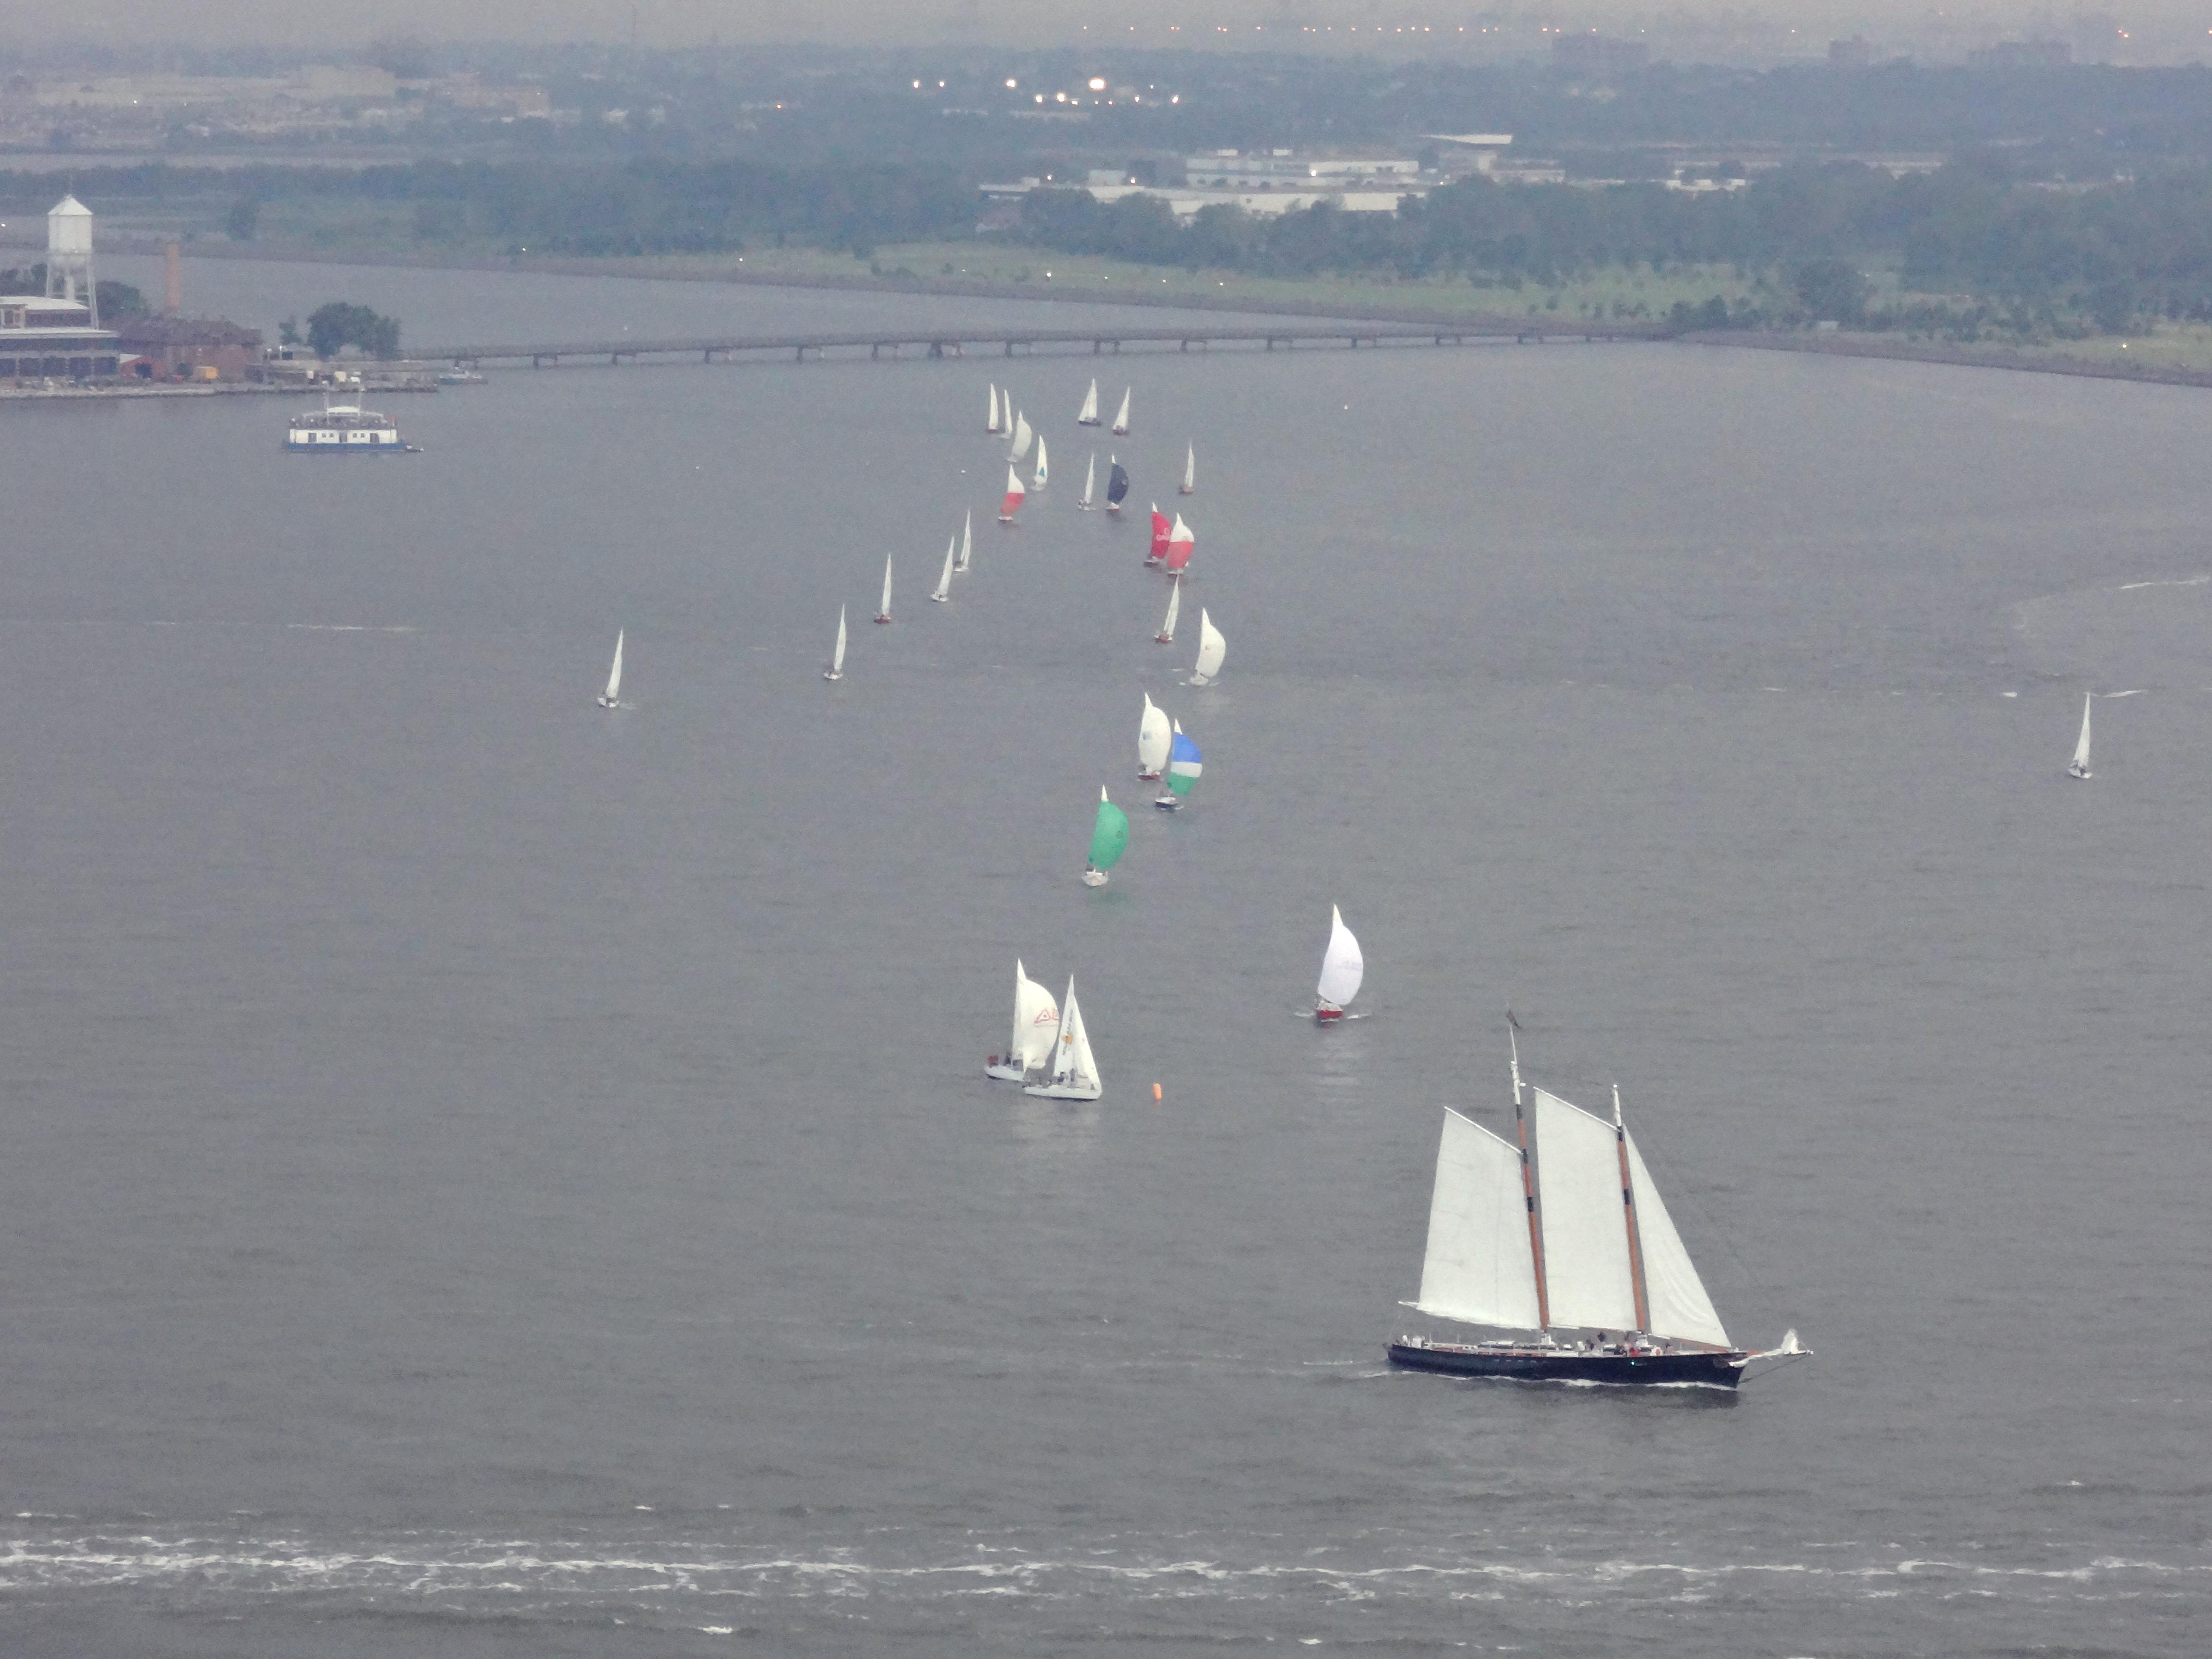 Sailing-7-9-2013